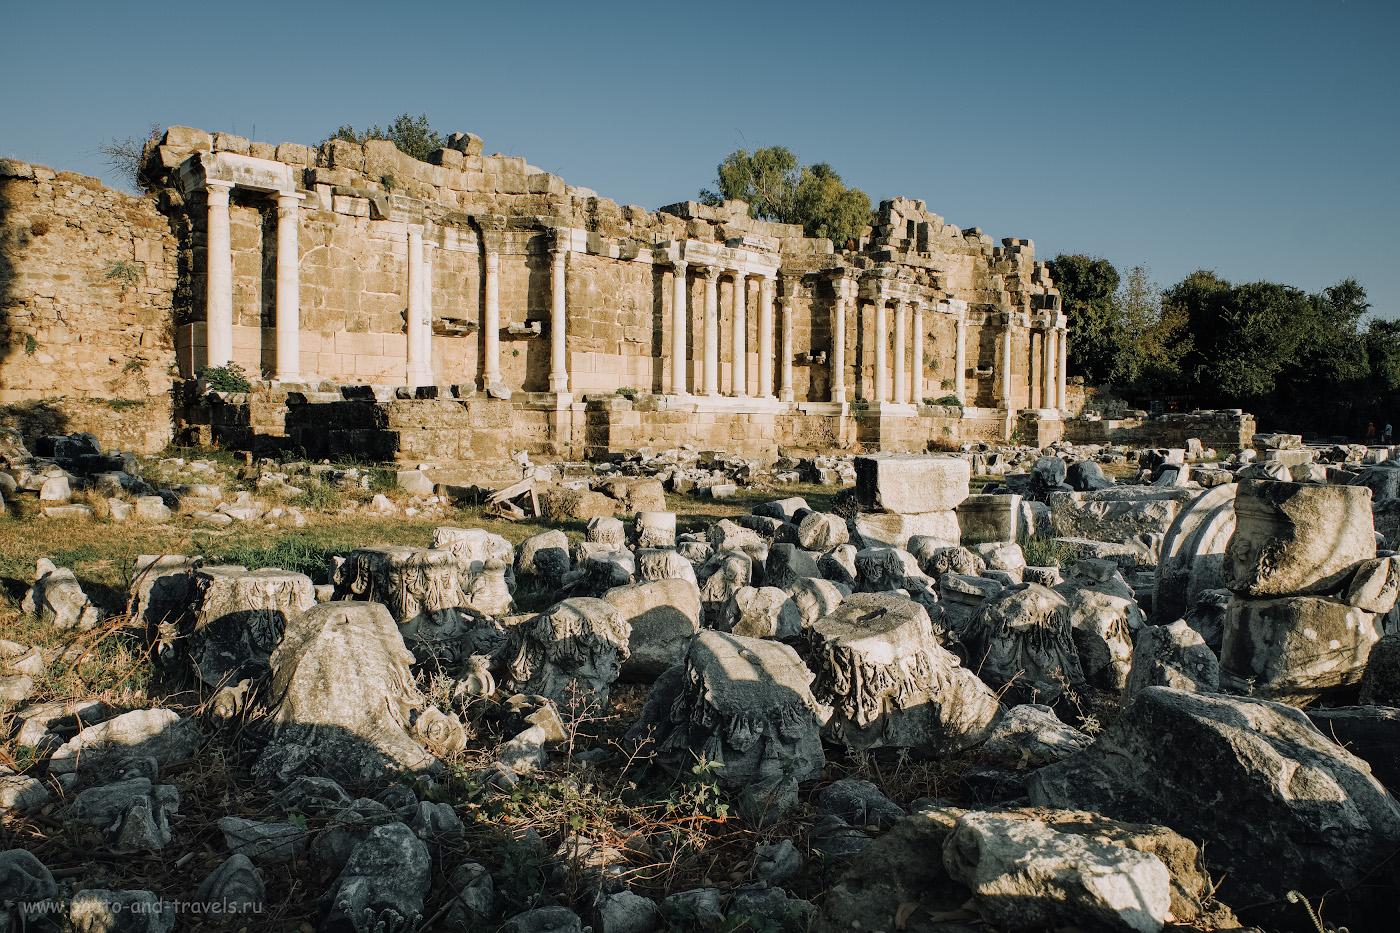 Фотография 2. Нимфеум в старой части города Сиде. Отзывы туристов об экскурсии с детьми в Турции самостоятельно. 1/210, 8.0, 200, +0.33, 16.